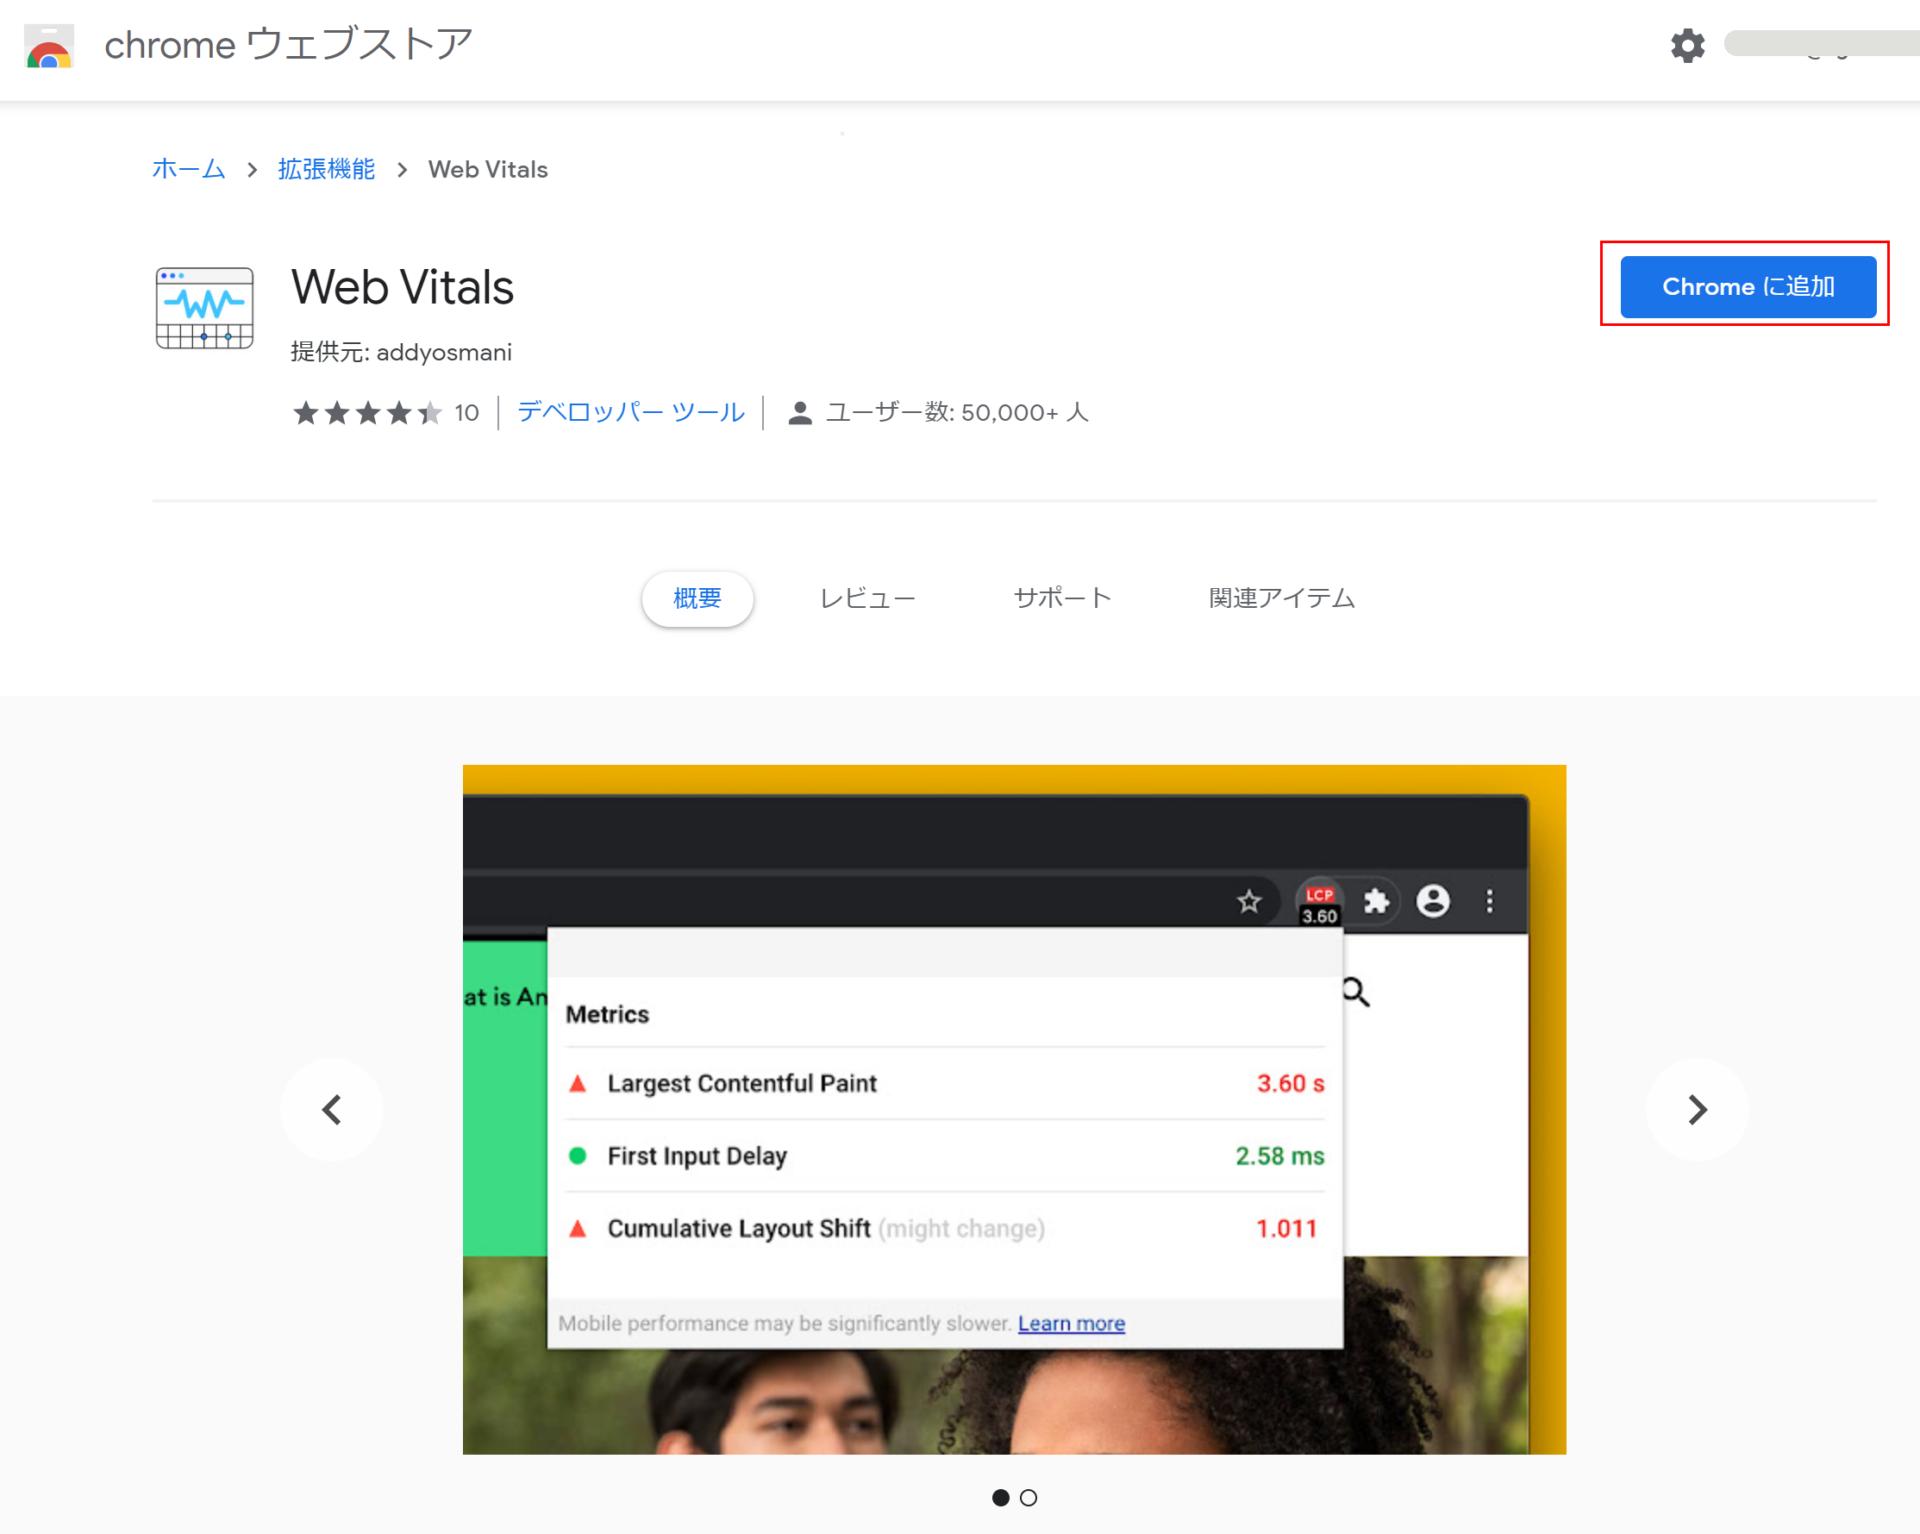 Web Vitals Chrome Extensionでの計測方法の補足画像です。(chromeウエブストア)